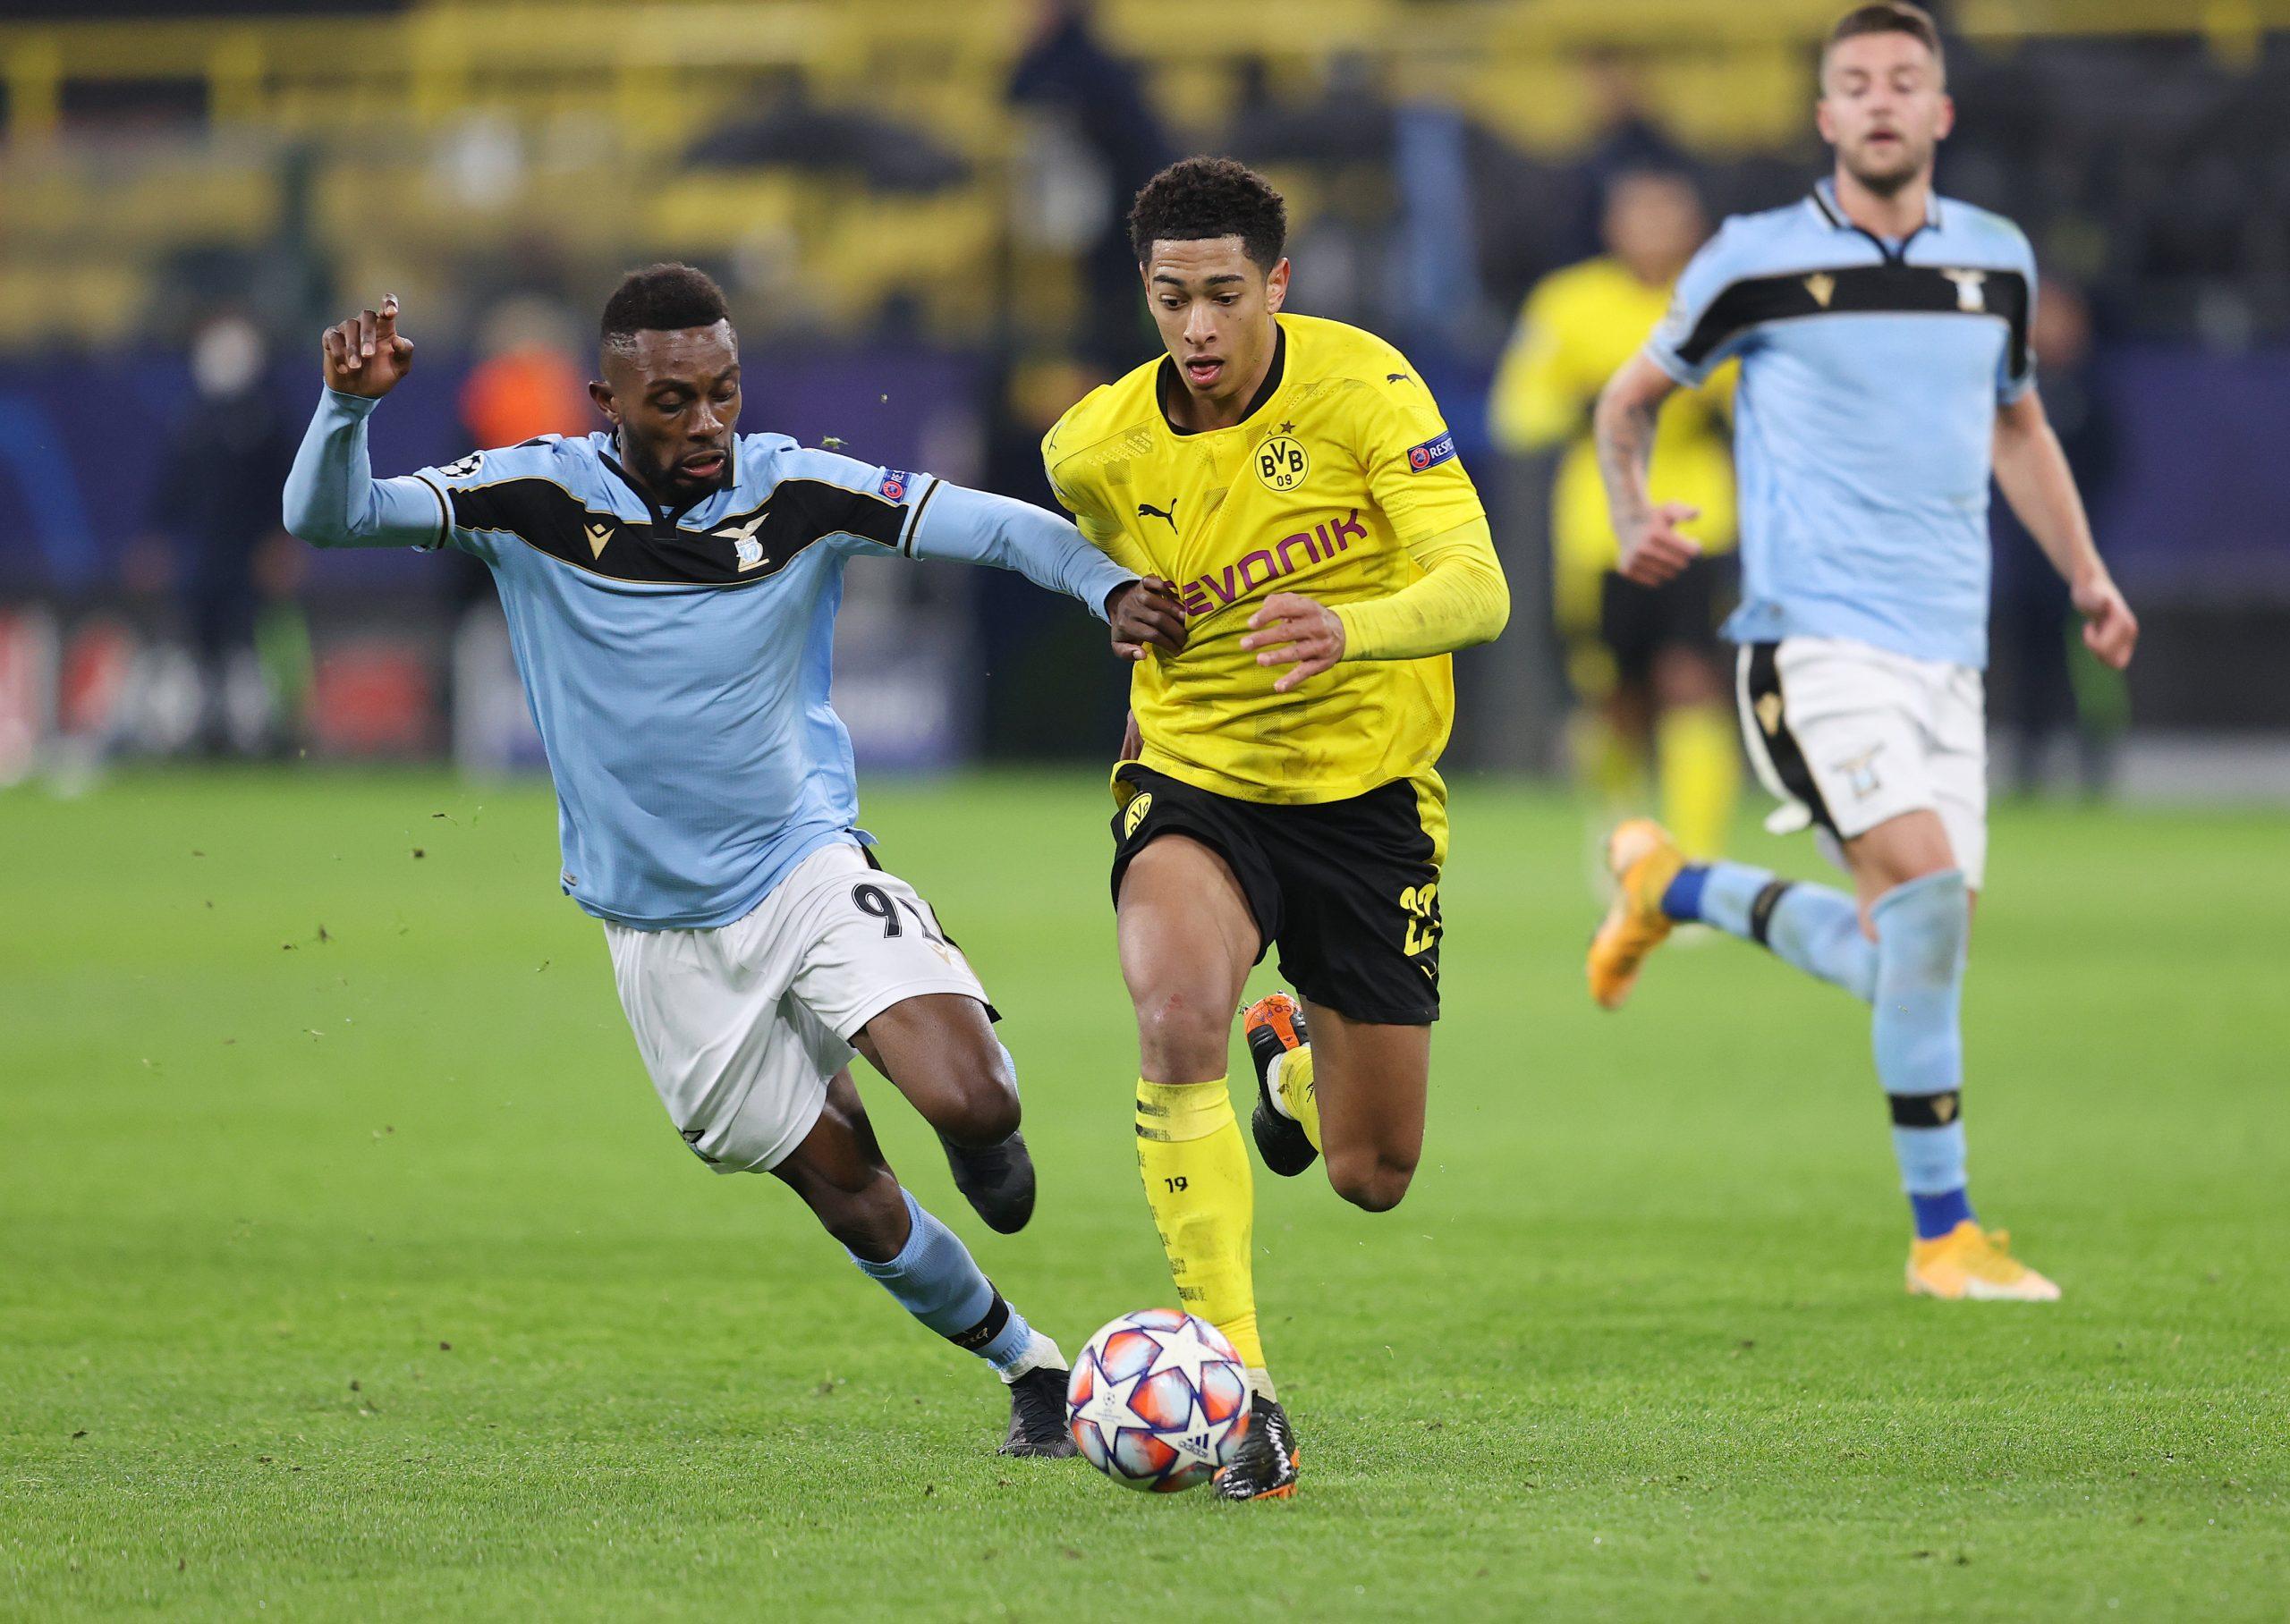 Trận đấu giữa Dortmund và Lazio kết thúc với tỷ số hoà 1-1